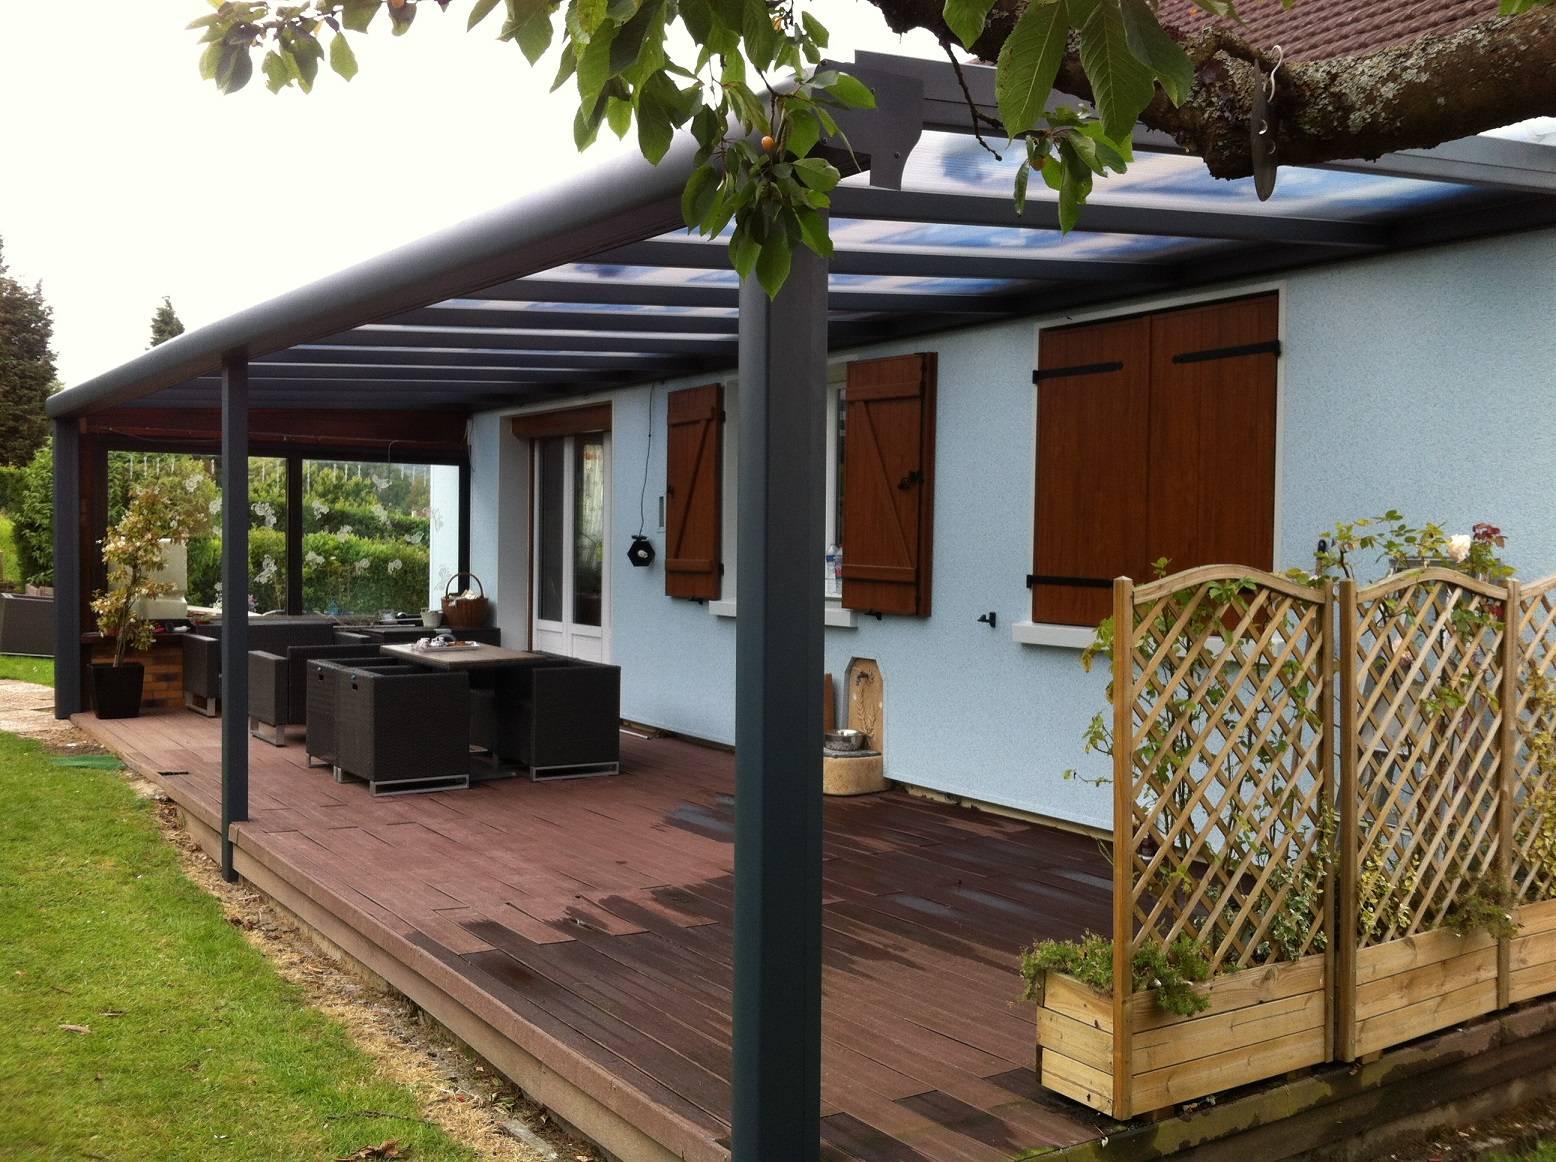 Pose D'un Kiosque De Jardin Vernon - Atem + tout Kiosque Aluminium Jardin